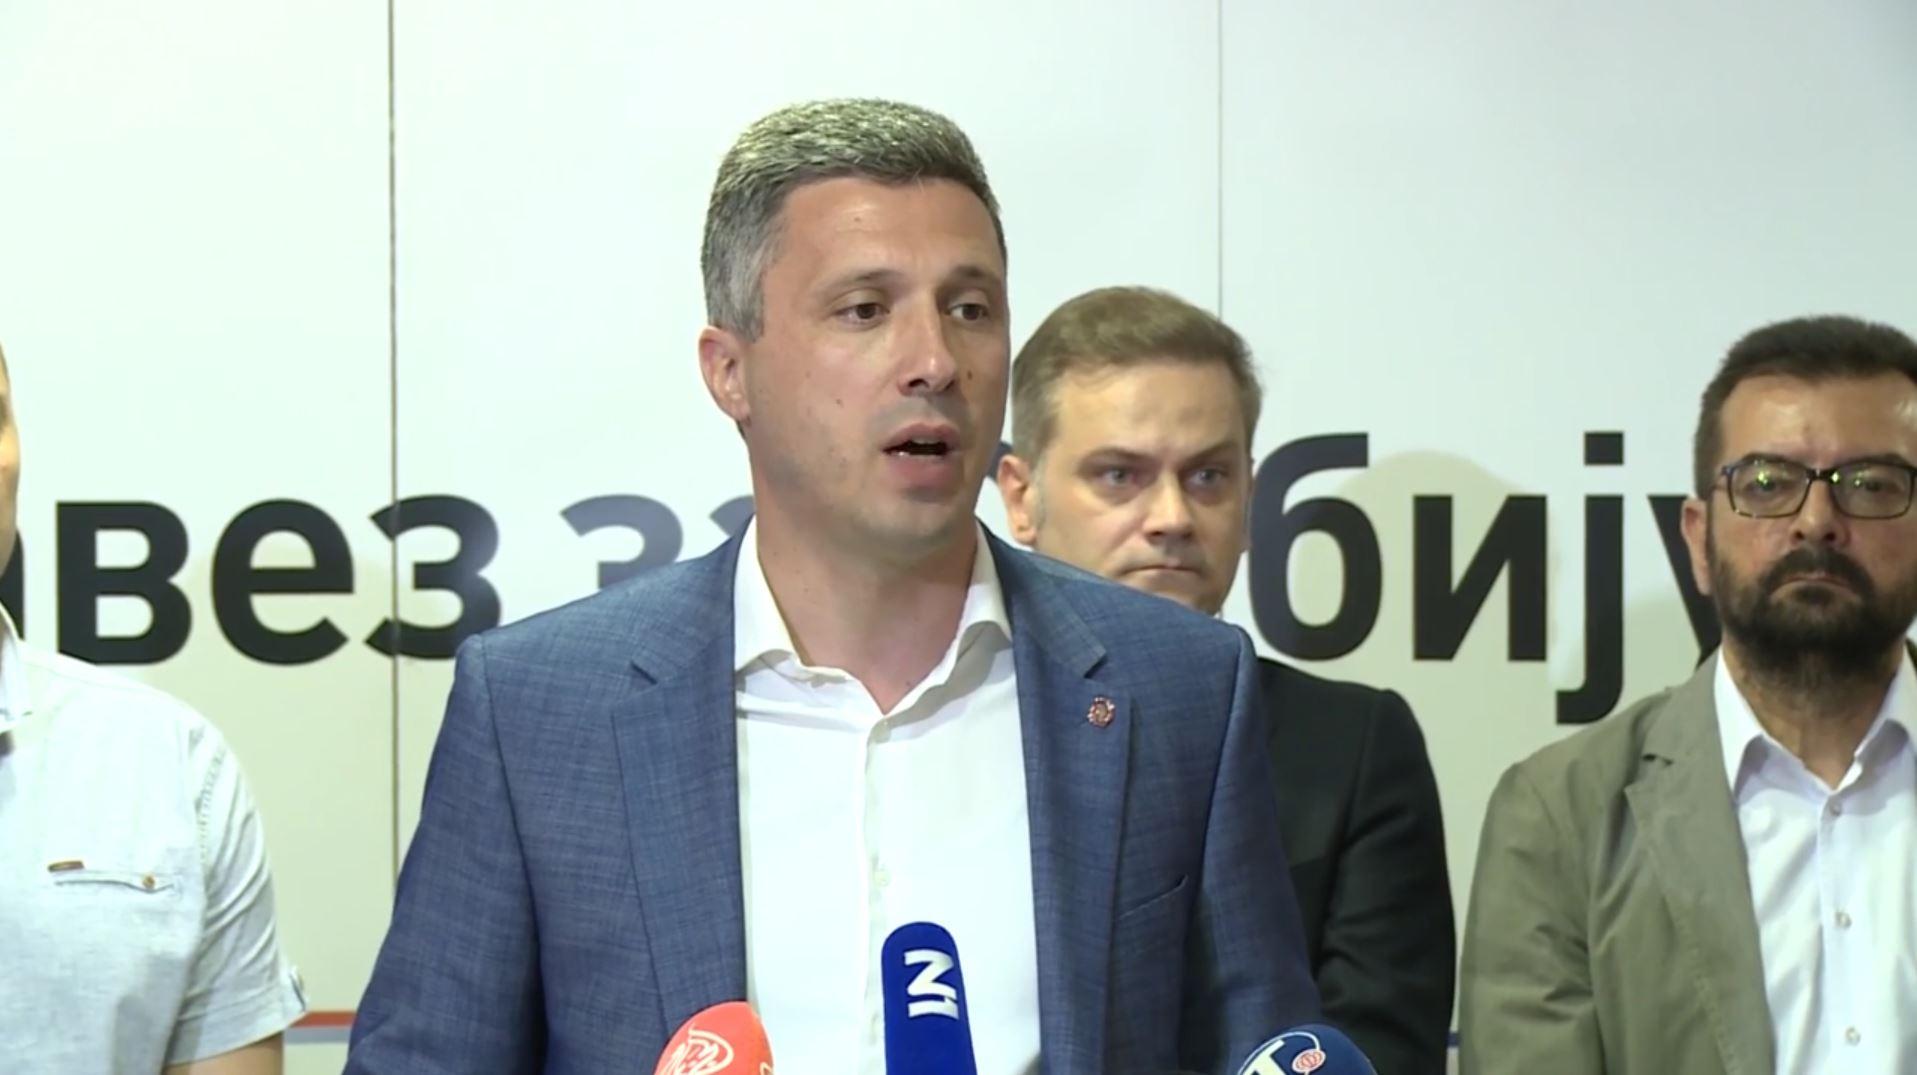 SzS podneo prijavu protiv Nebojše Stefanovića zbog diplome škole koja ne postoji